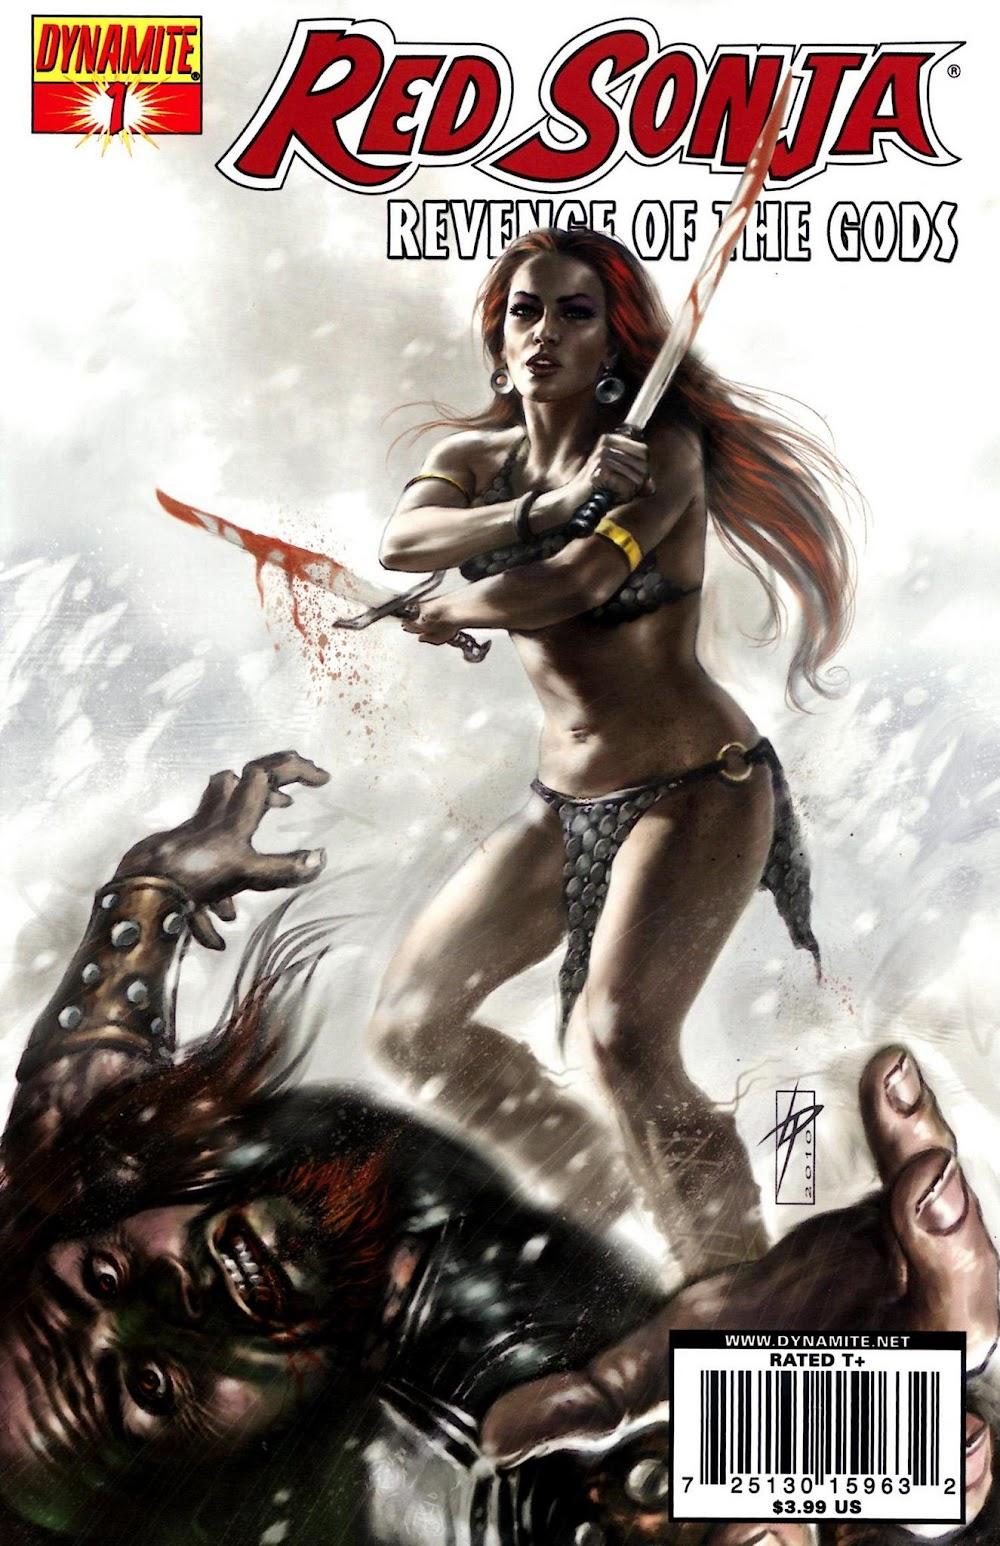 Red Sonja: Revenge of the Gods (2011) - complete